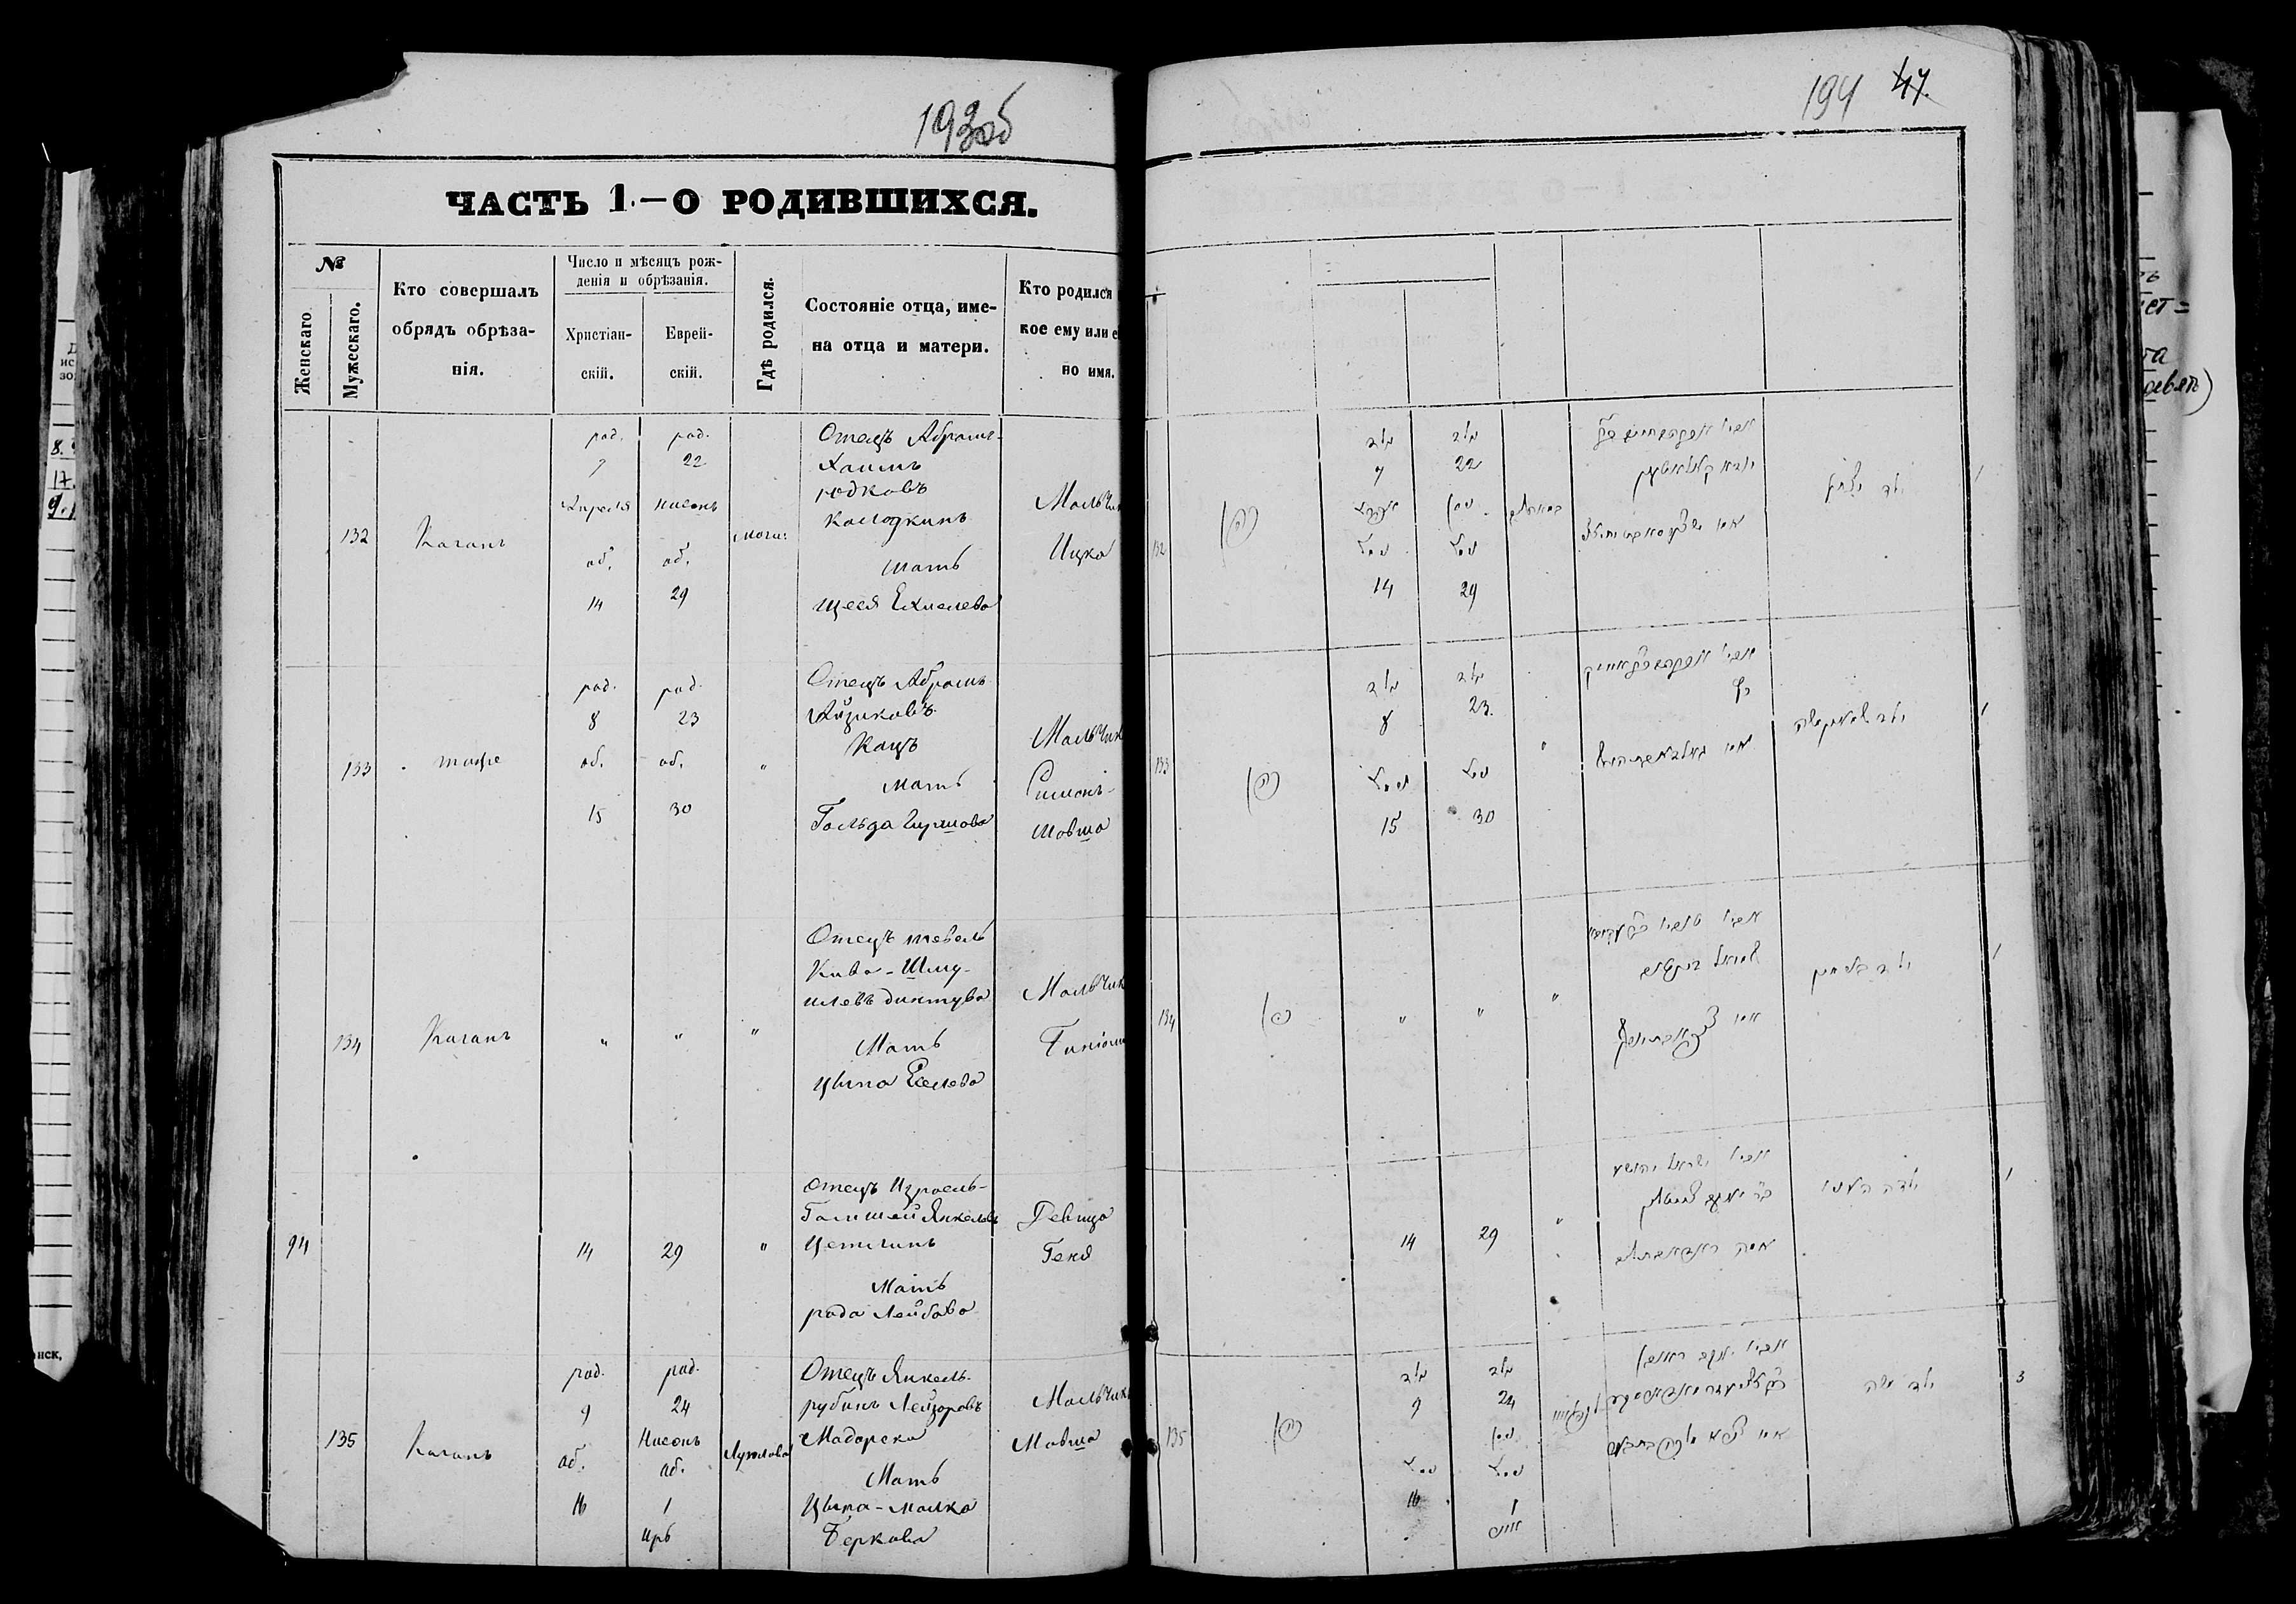 Ицка Абрам-Хаимович Колодкин 7 апреля 1873, запись 132, пленка 007766480, симок 925